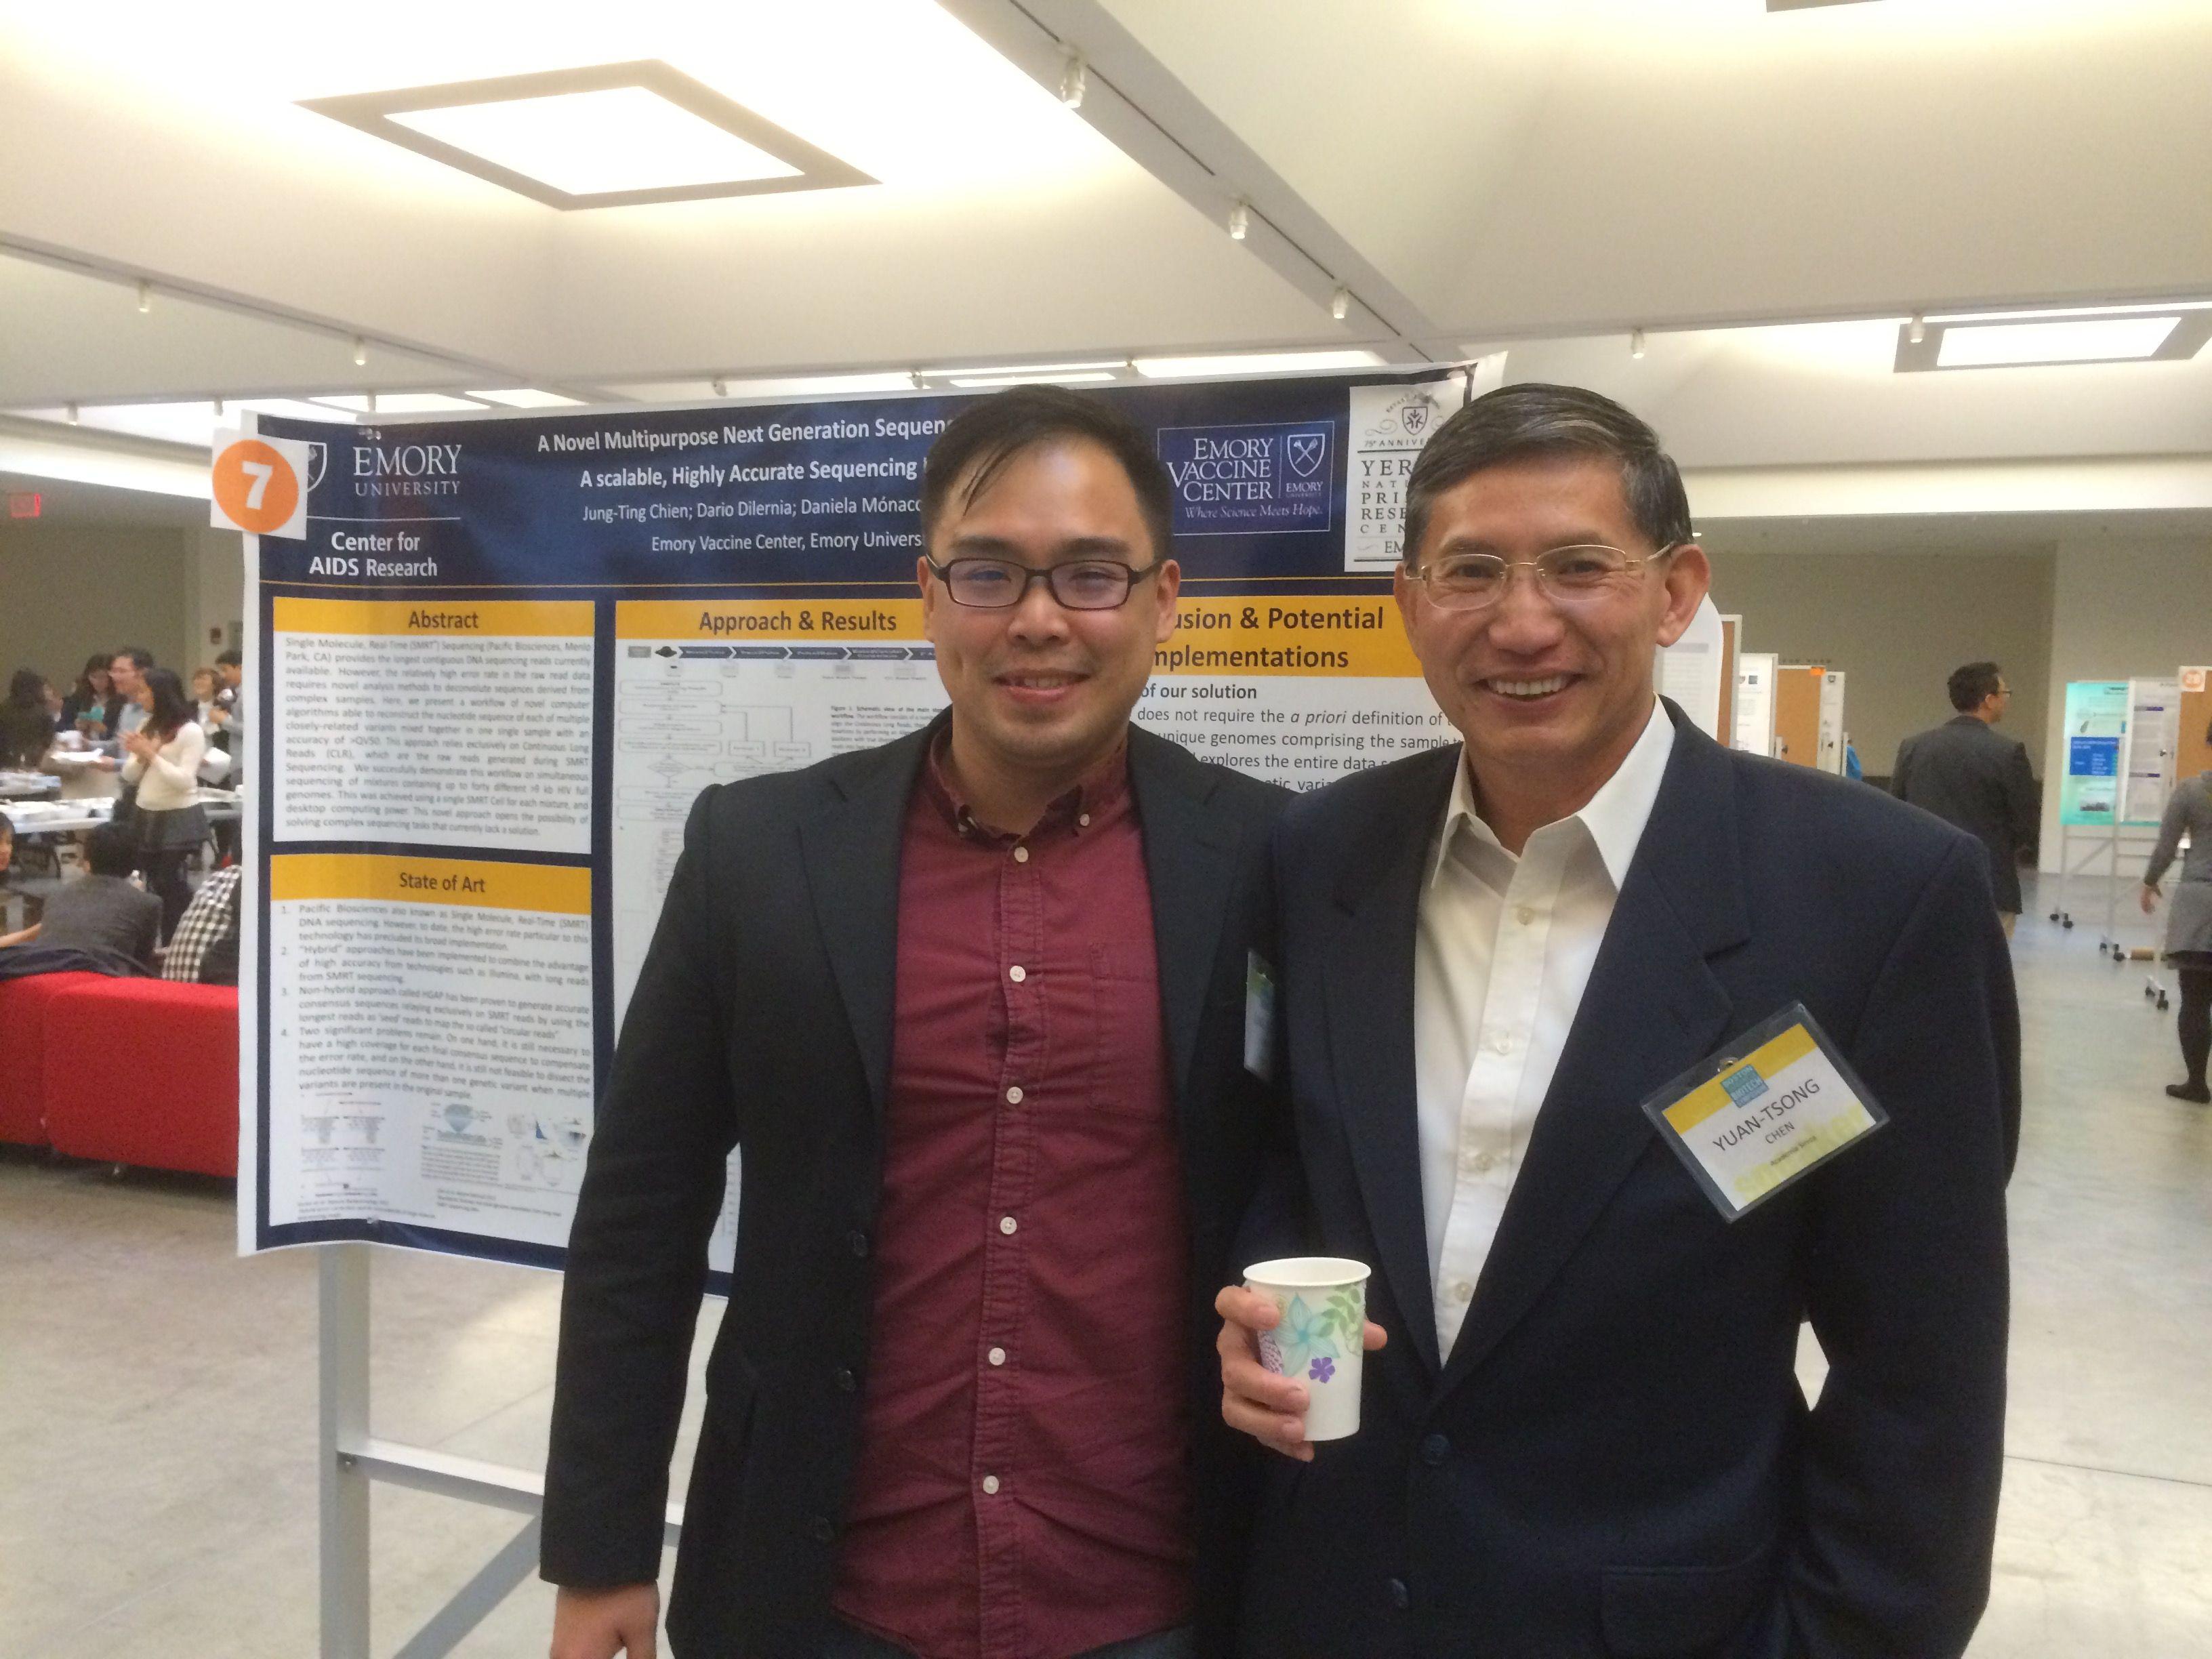 費德創辦人Bob(左)與陳垣崇院士(右)於波士頓台灣生技論壇(Boston Taiwanese Biotechnology Symposium)